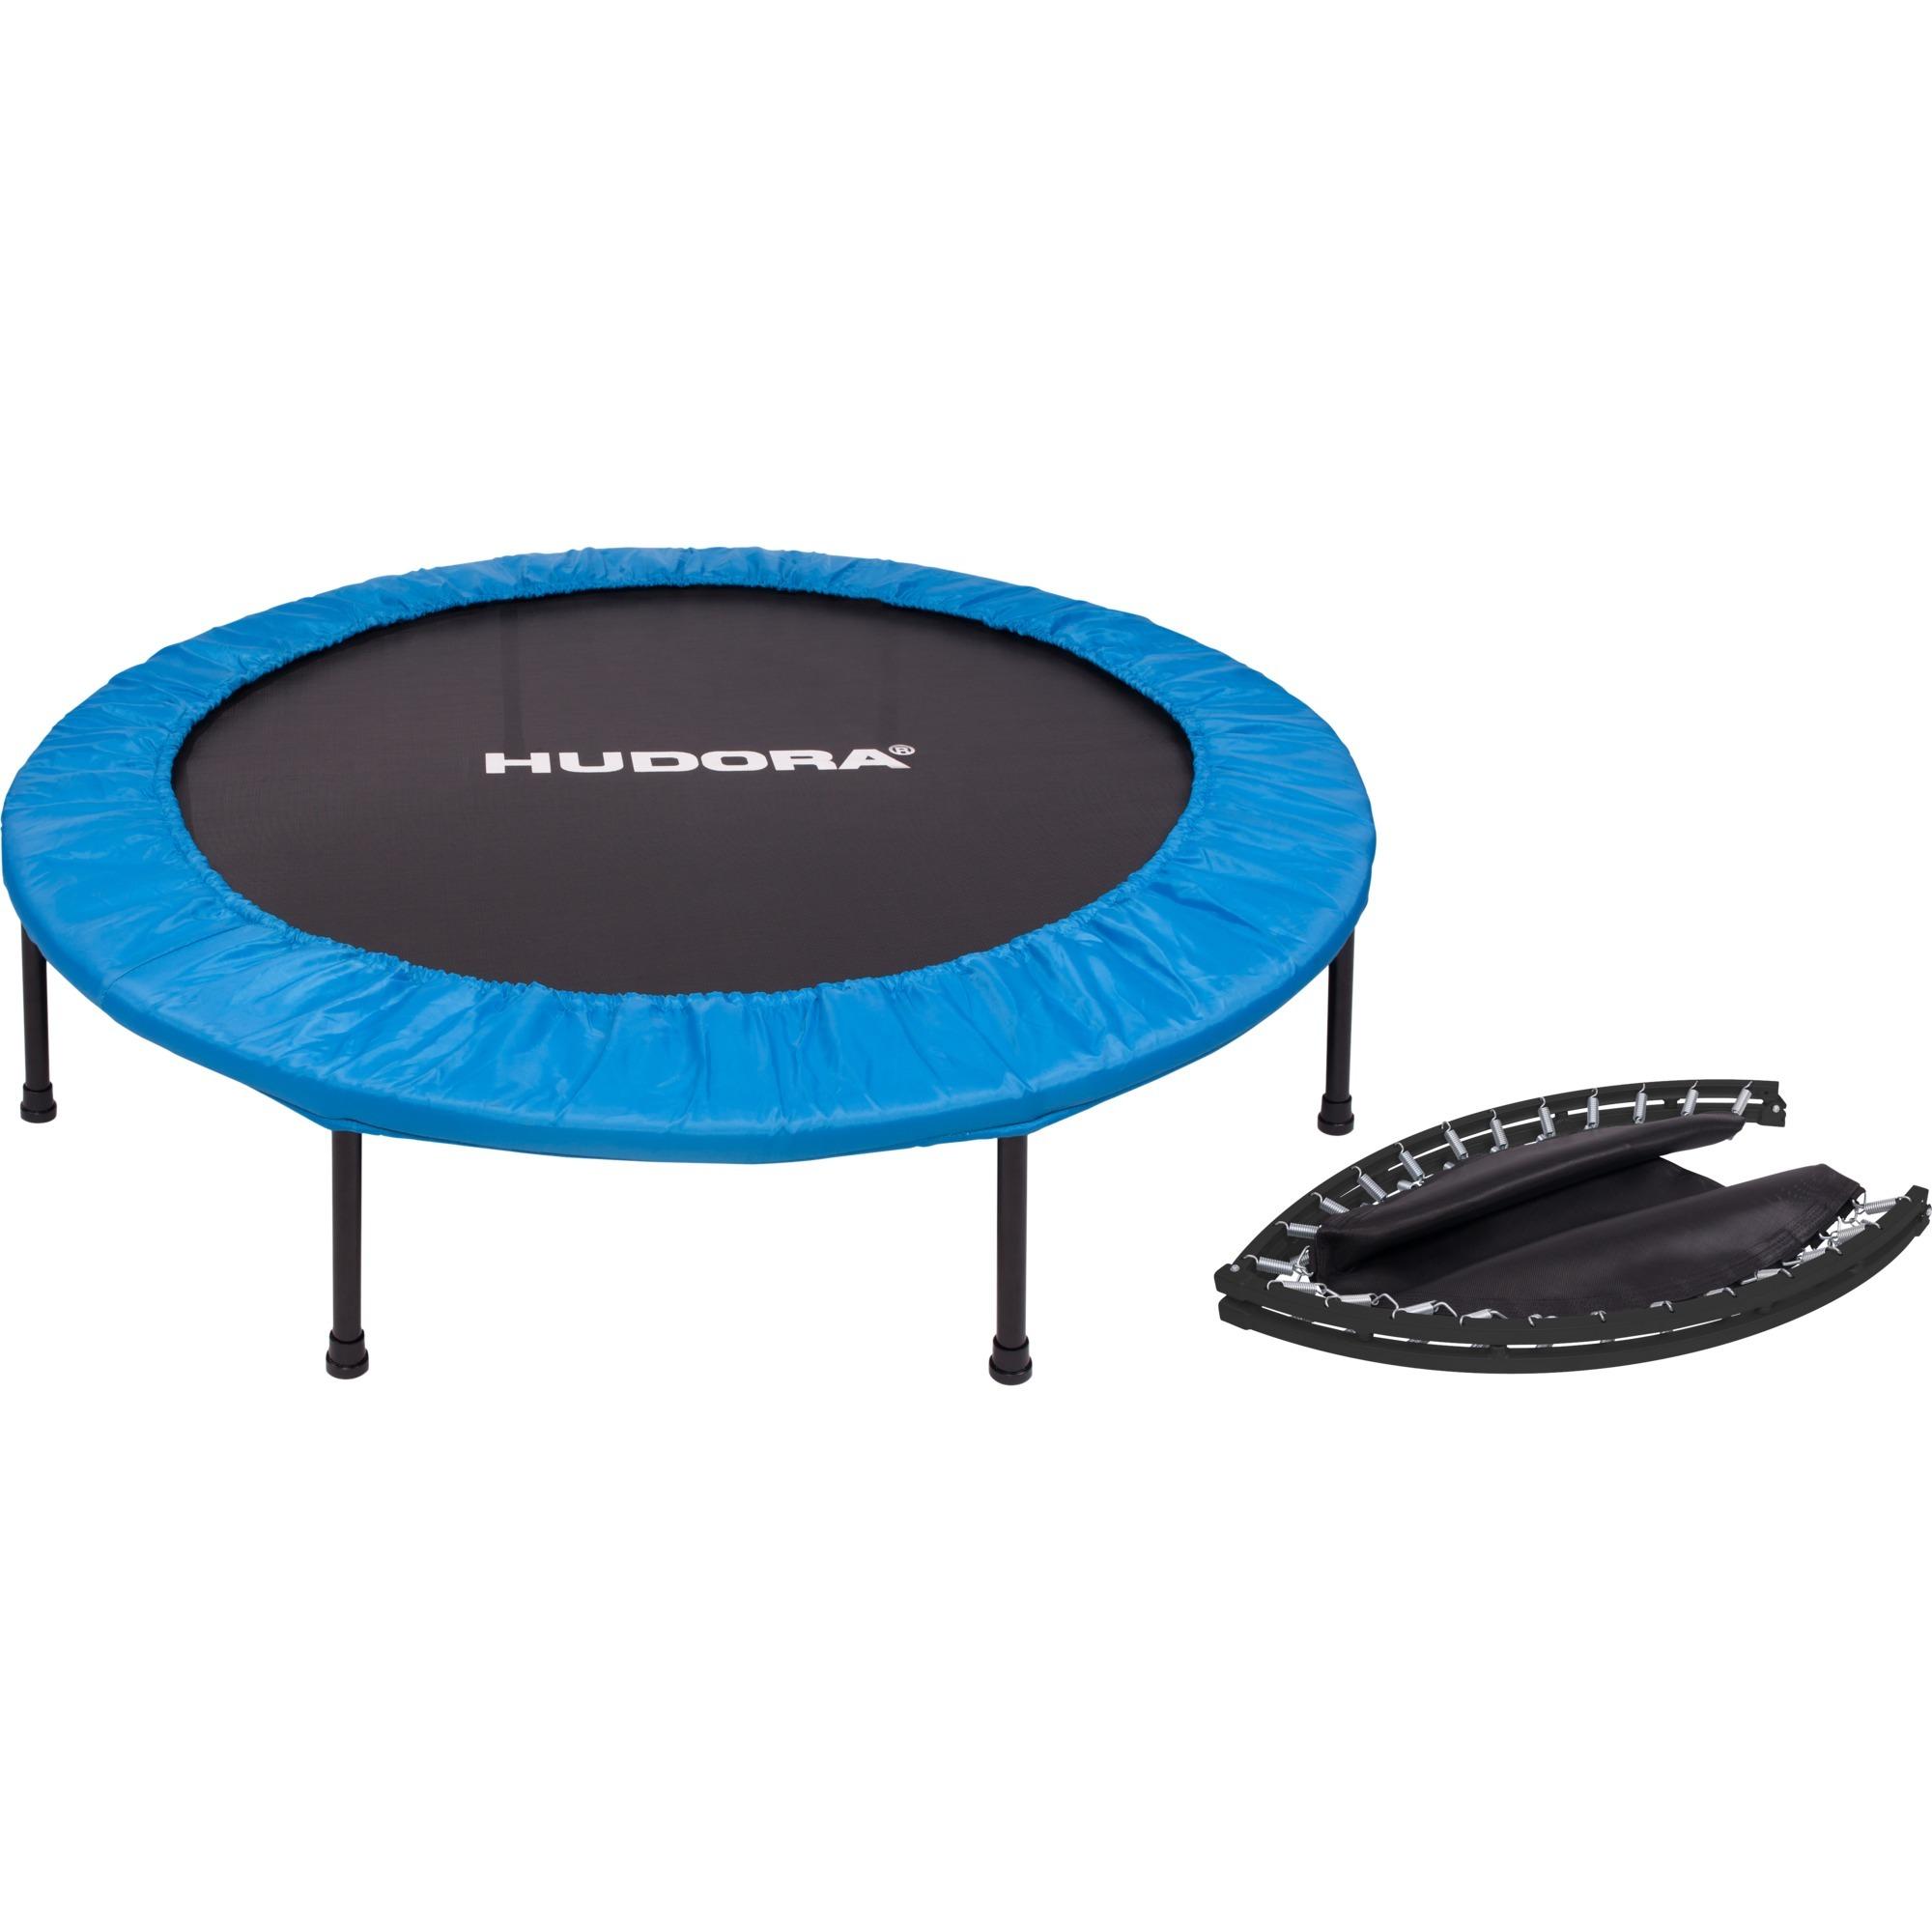 65408 trampolín de ejercicios Alrededor, Aparato para fitness